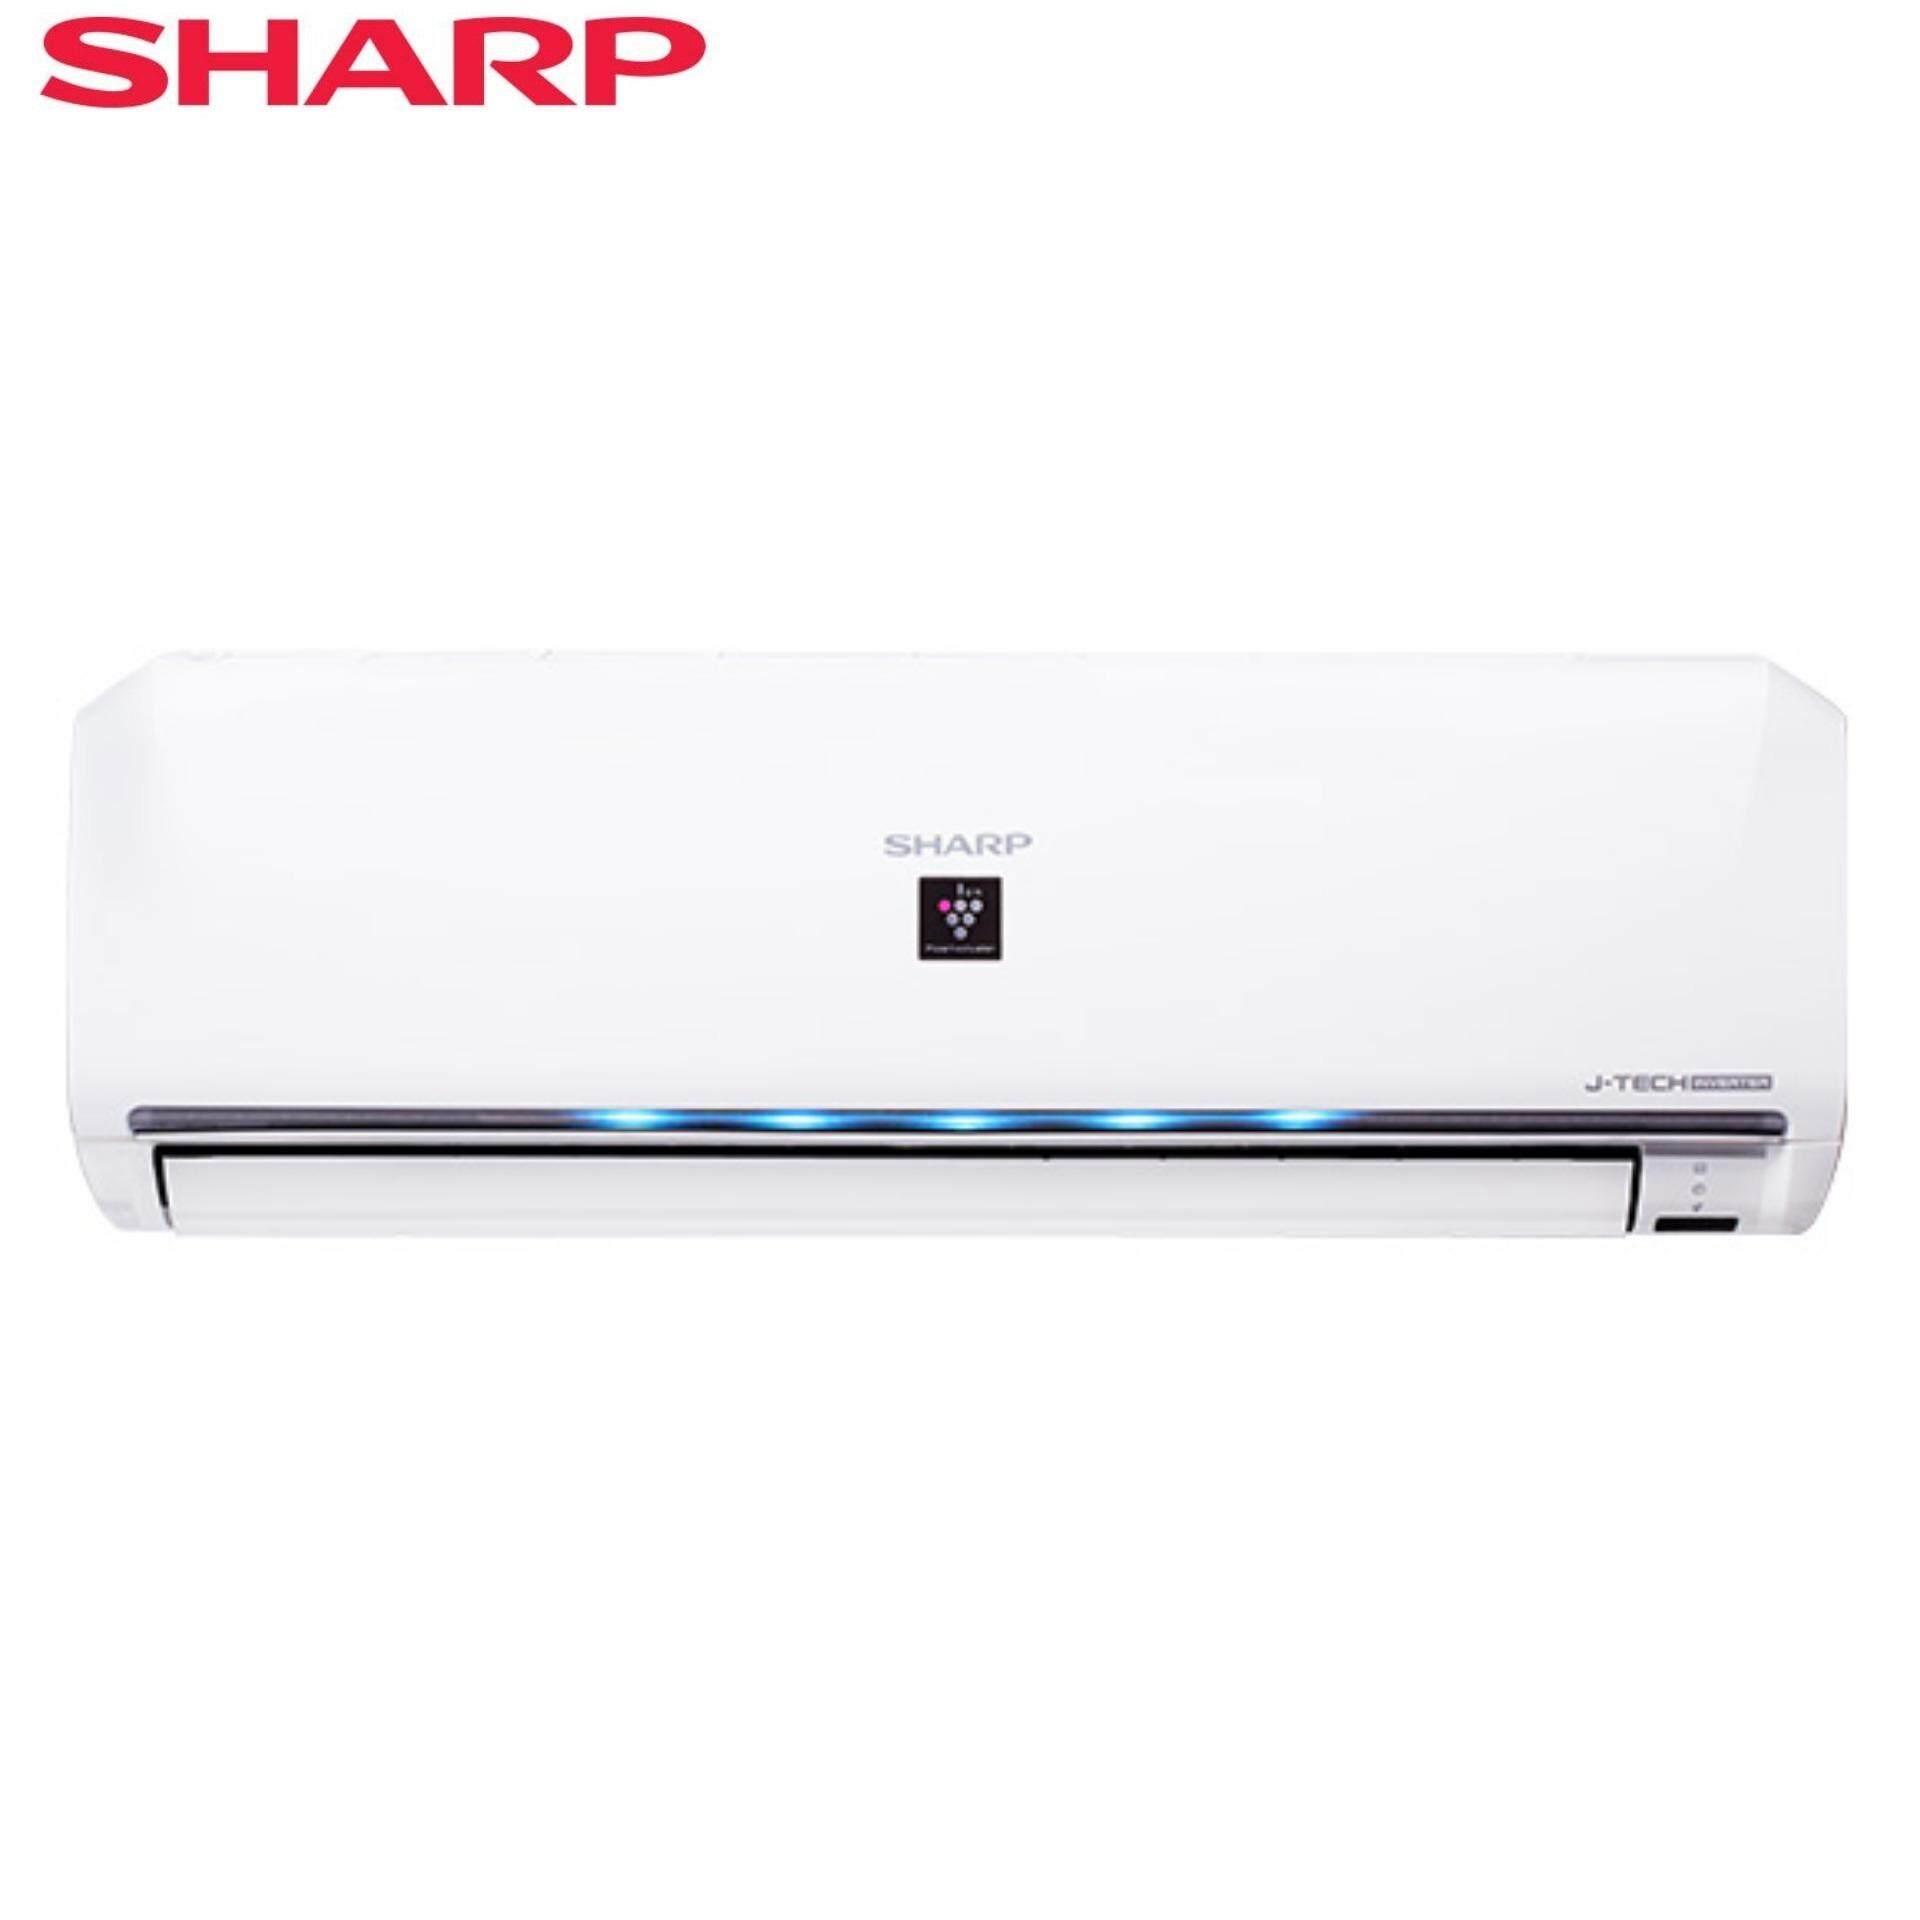 SHARP AHXP10UHD/AUX10UHD AIR COND 1.0HP PCI J-TECH INVERTER GAS R410A